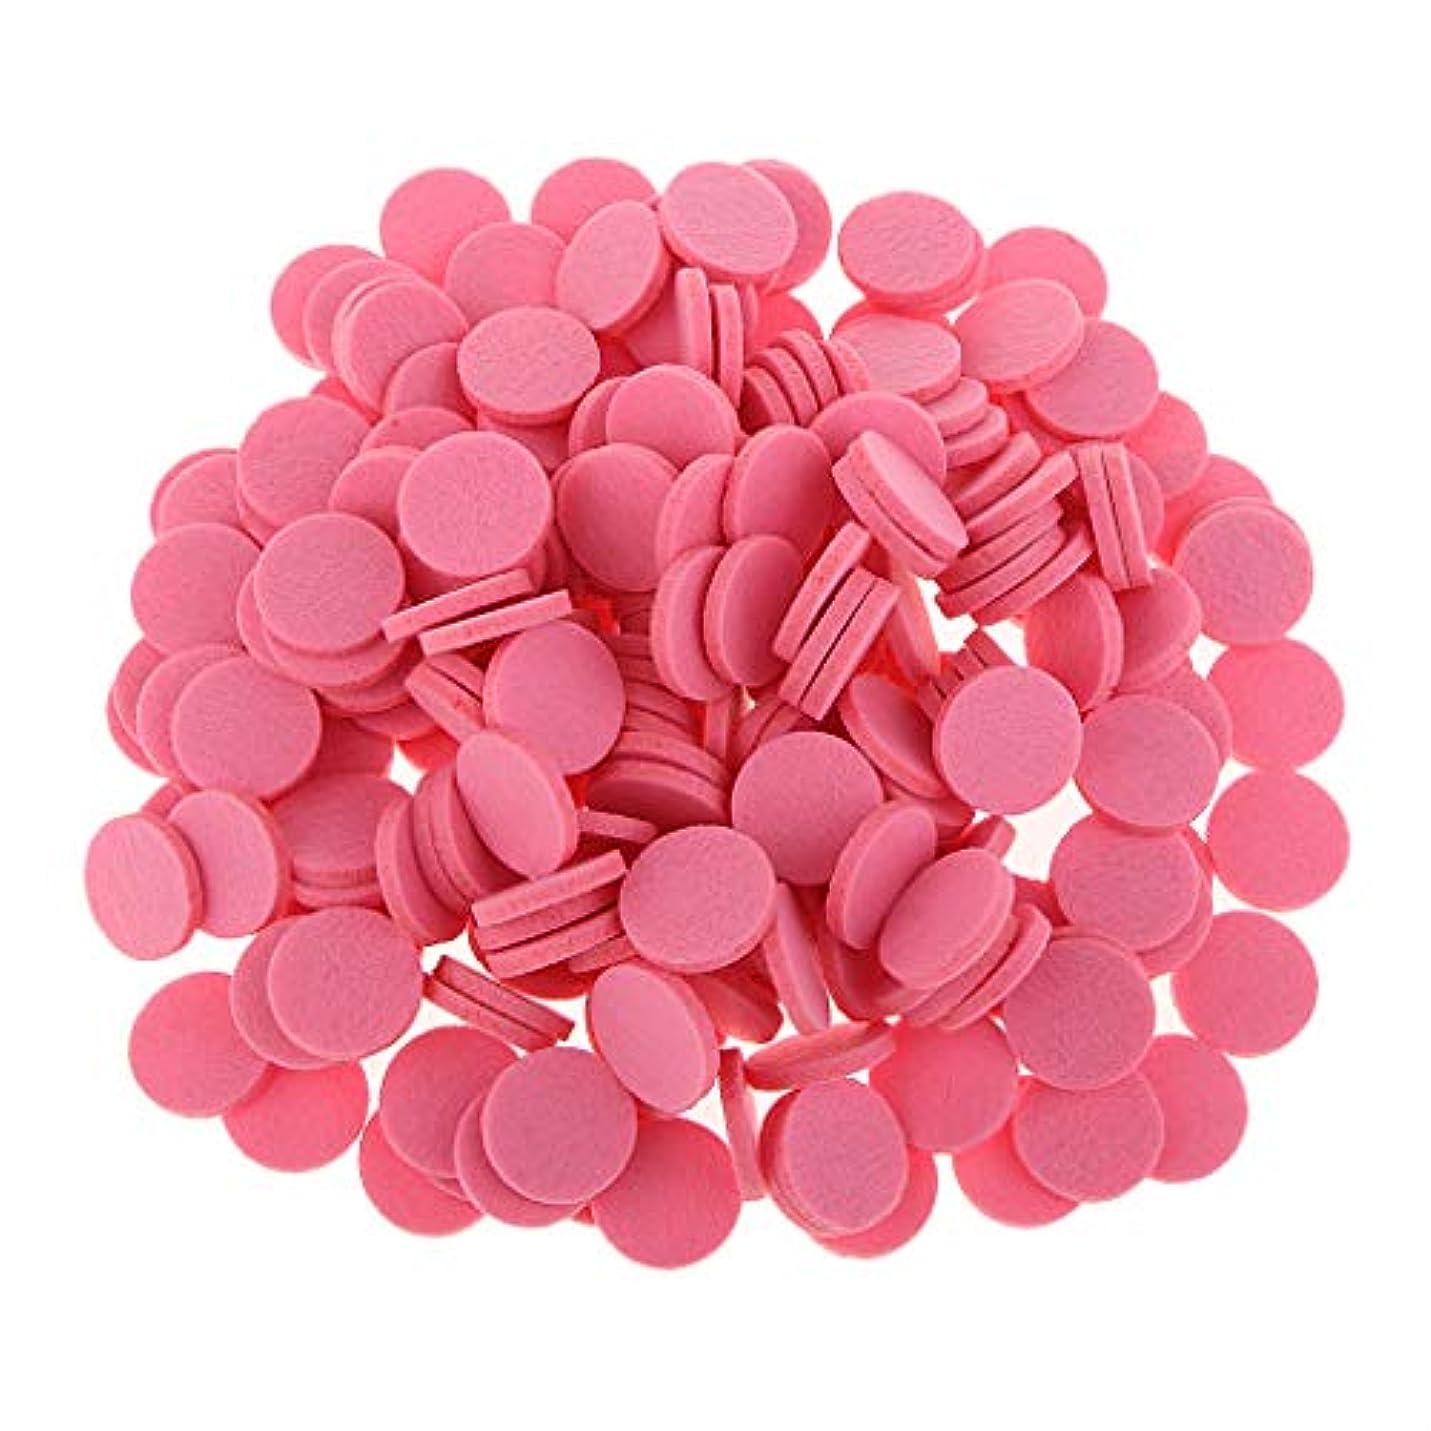 従者酸のヒープFLAMEER ディフューザーパッド アロマパッド パッド 精油 エッセンシャルオイル 香り 約200個入り 全11色 - ピンク